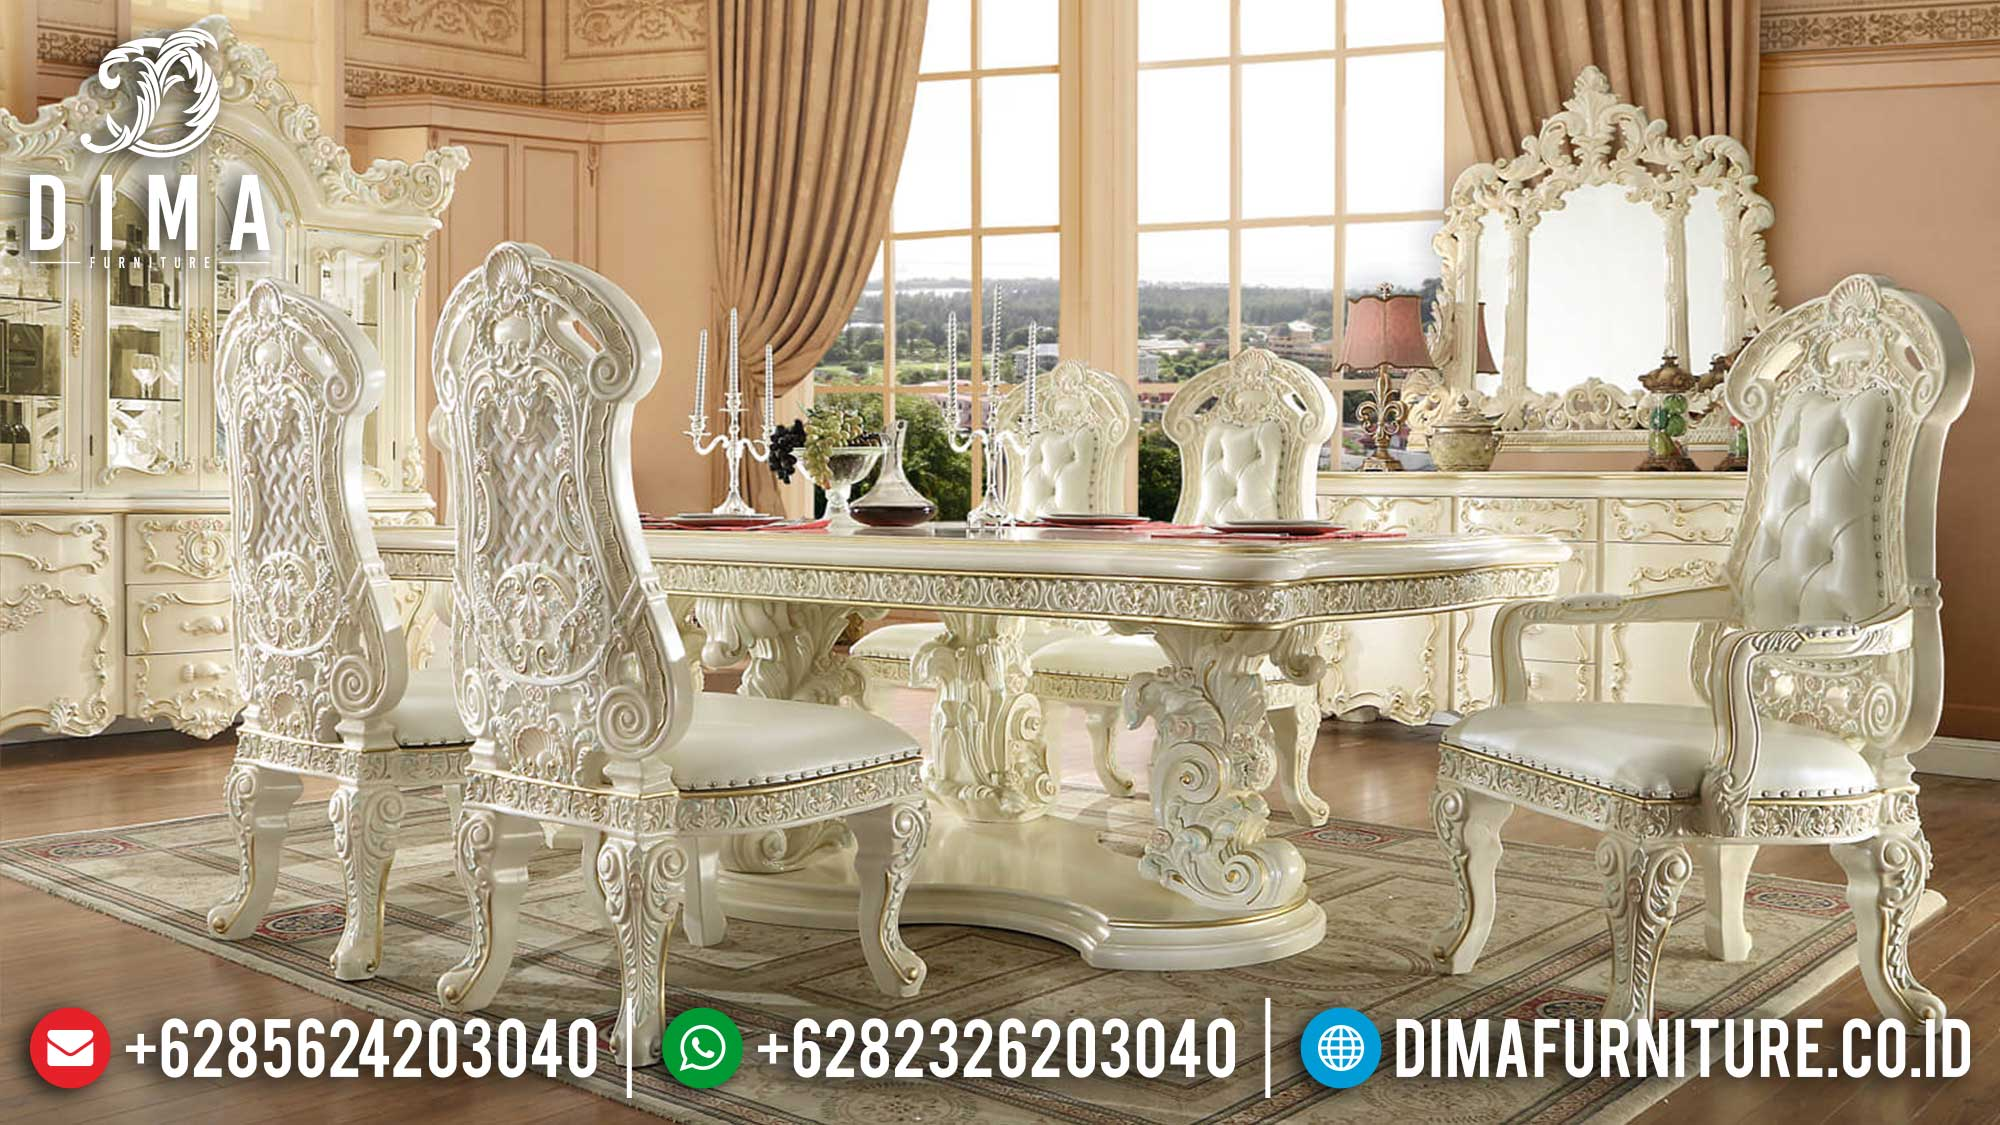 Jual Meja Makan Mewah Jepara Luxury Carving Classic Italian Design TTJ-1374